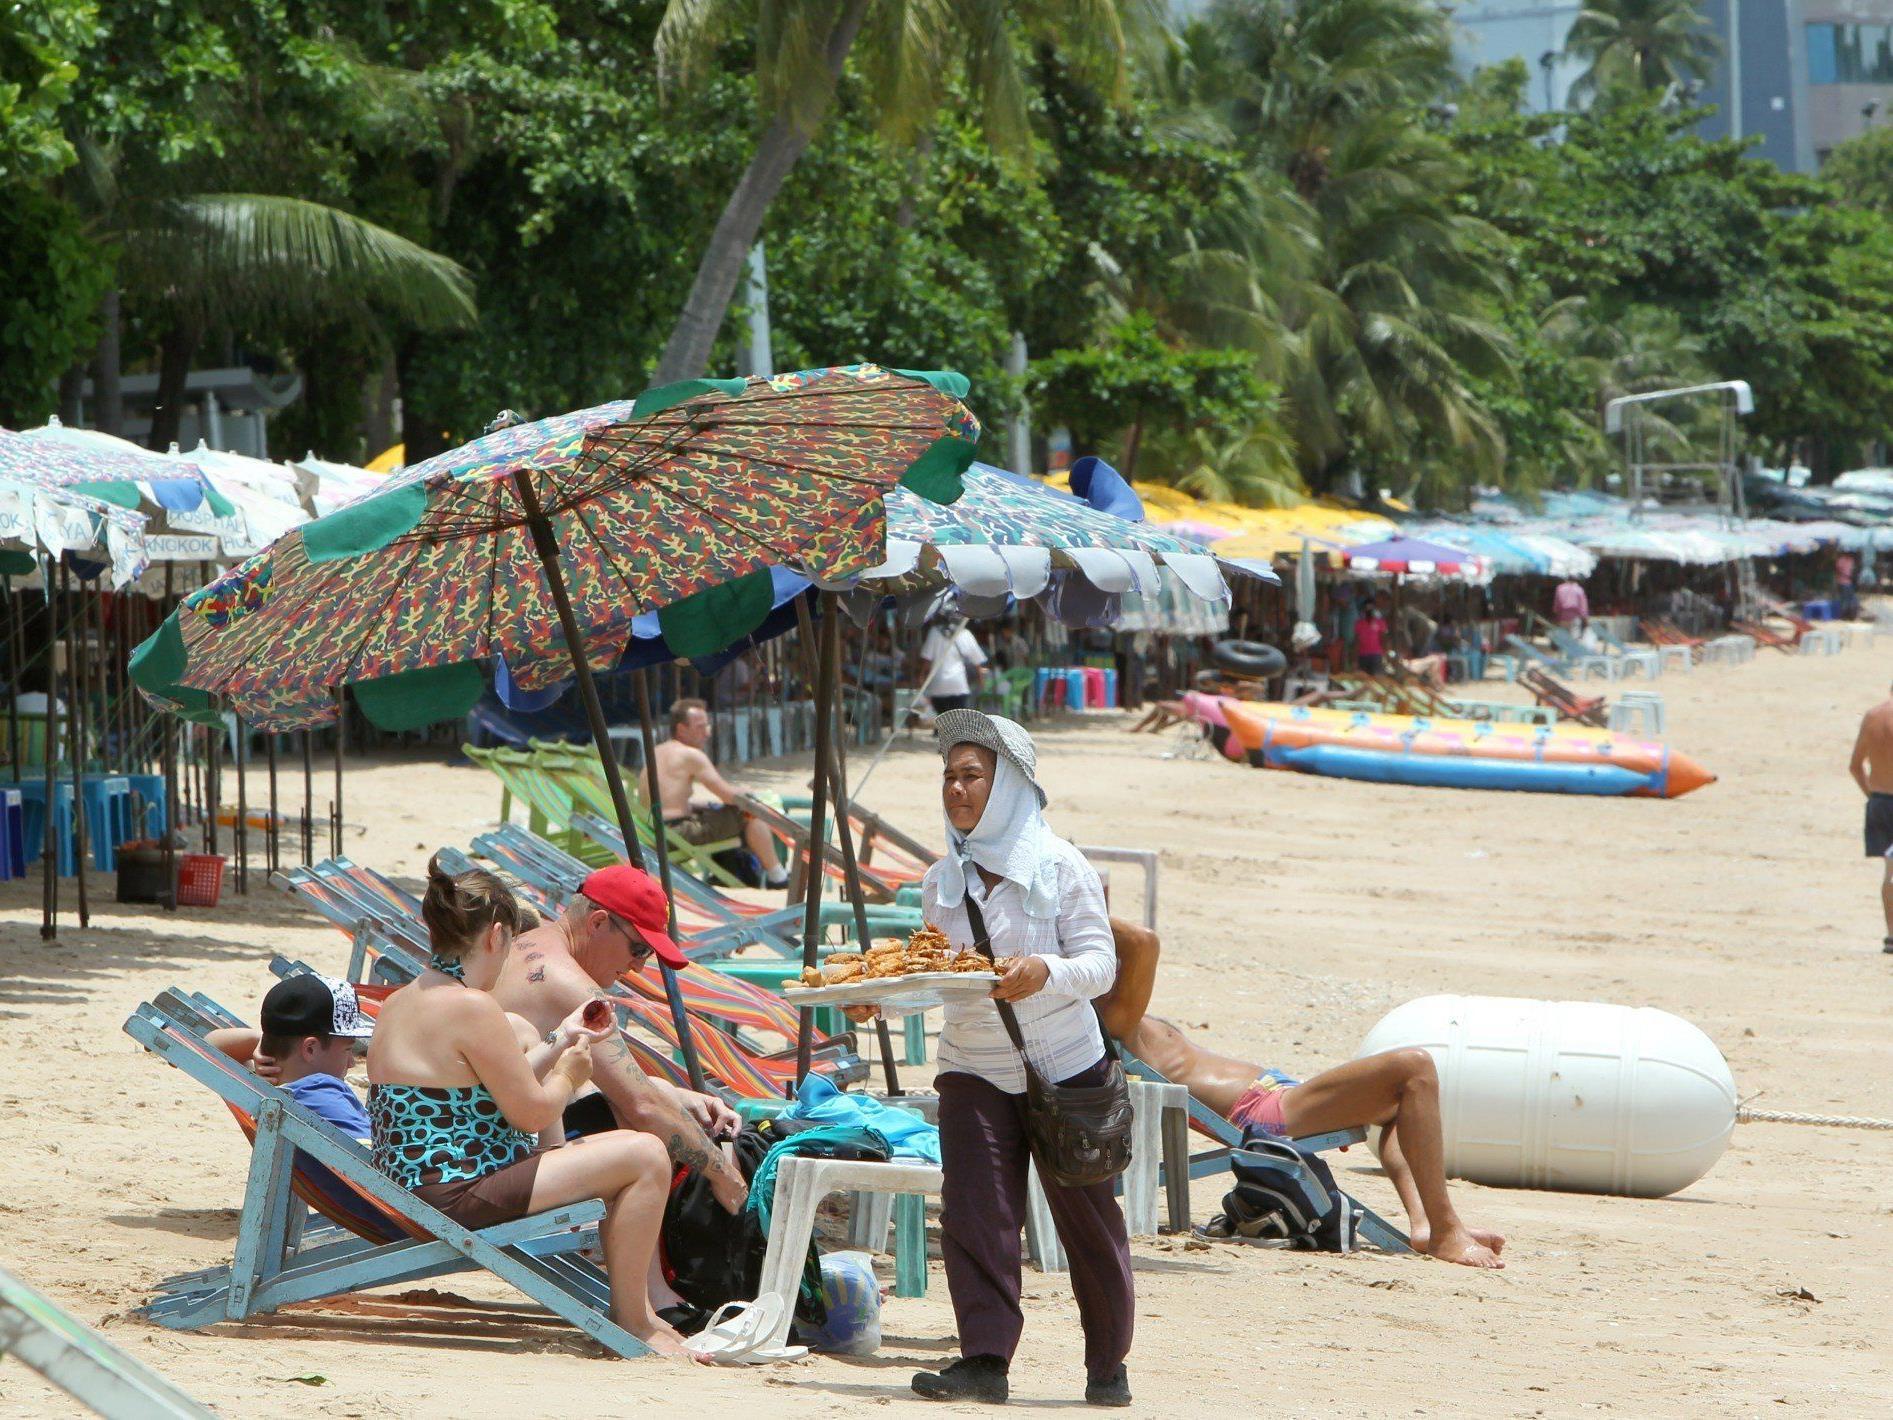 """""""Ab morgen in Bangkok"""": Für den OHG """"spricht wenig für eine ernstliche Vereitelungsabsicht""""."""